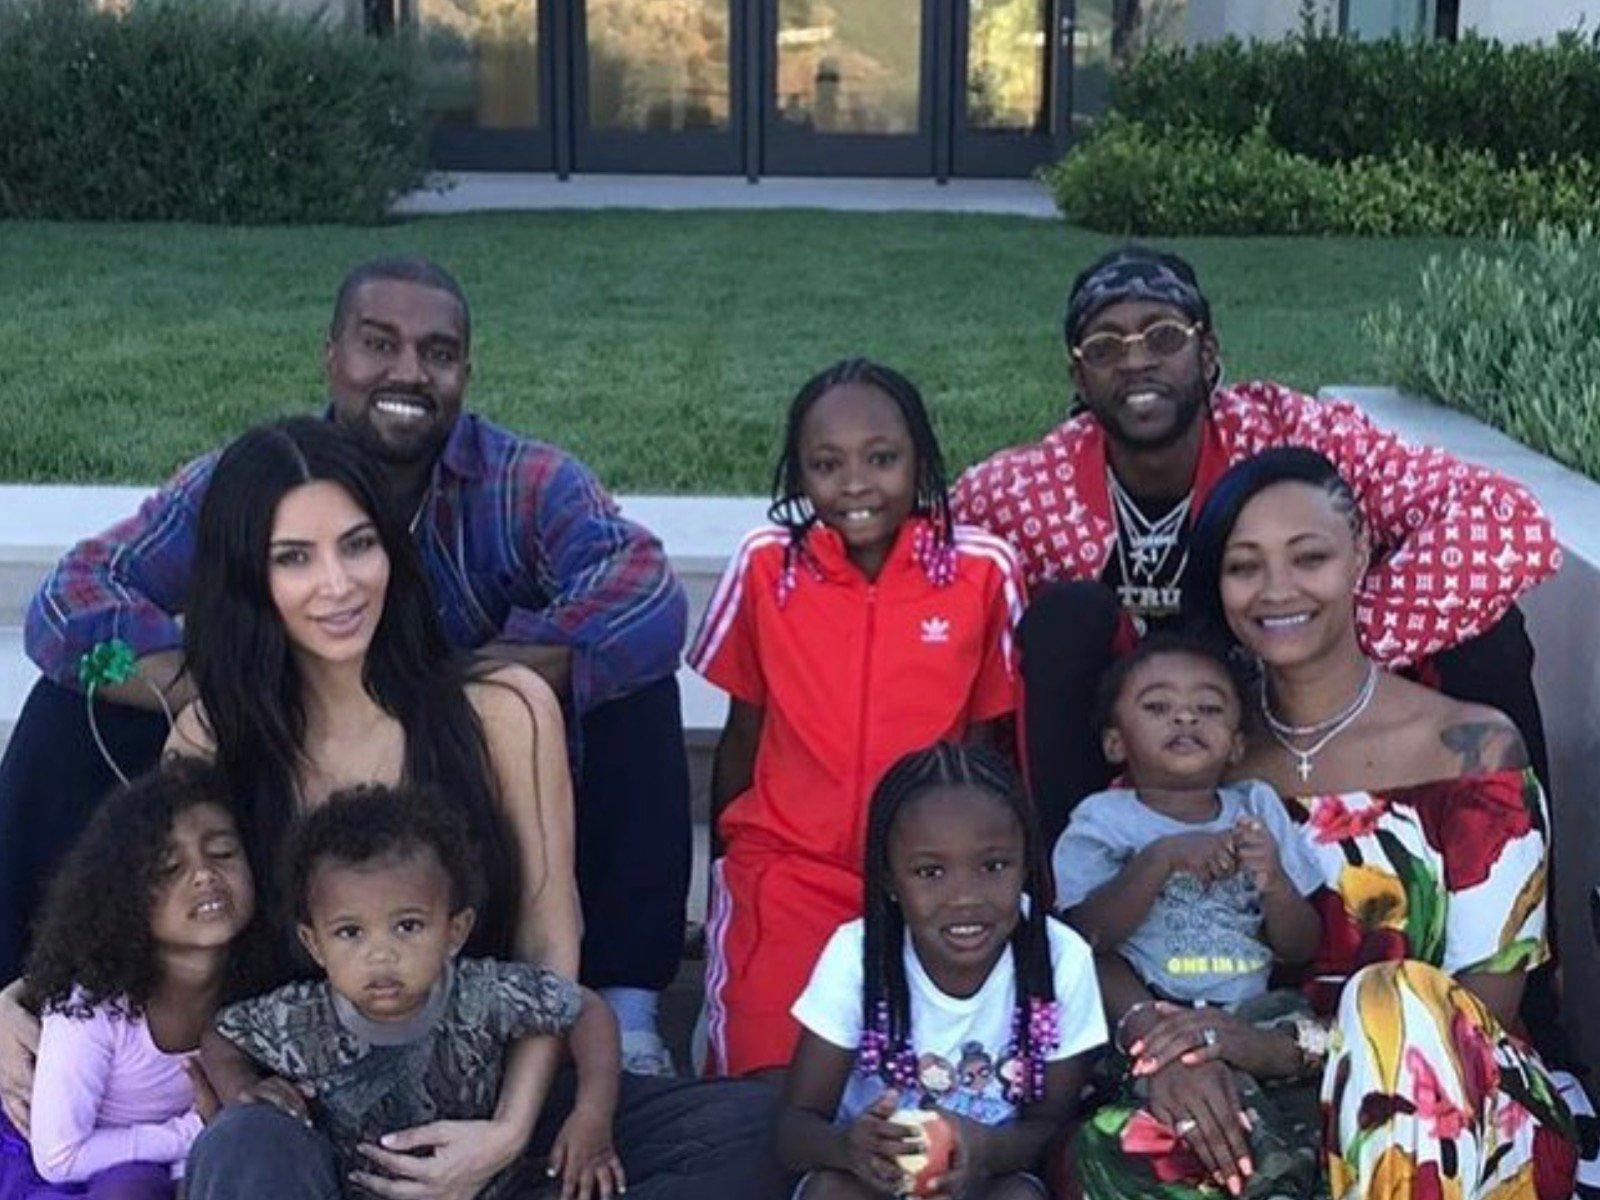 Kanye West Kim Kardashian 2 Chainz